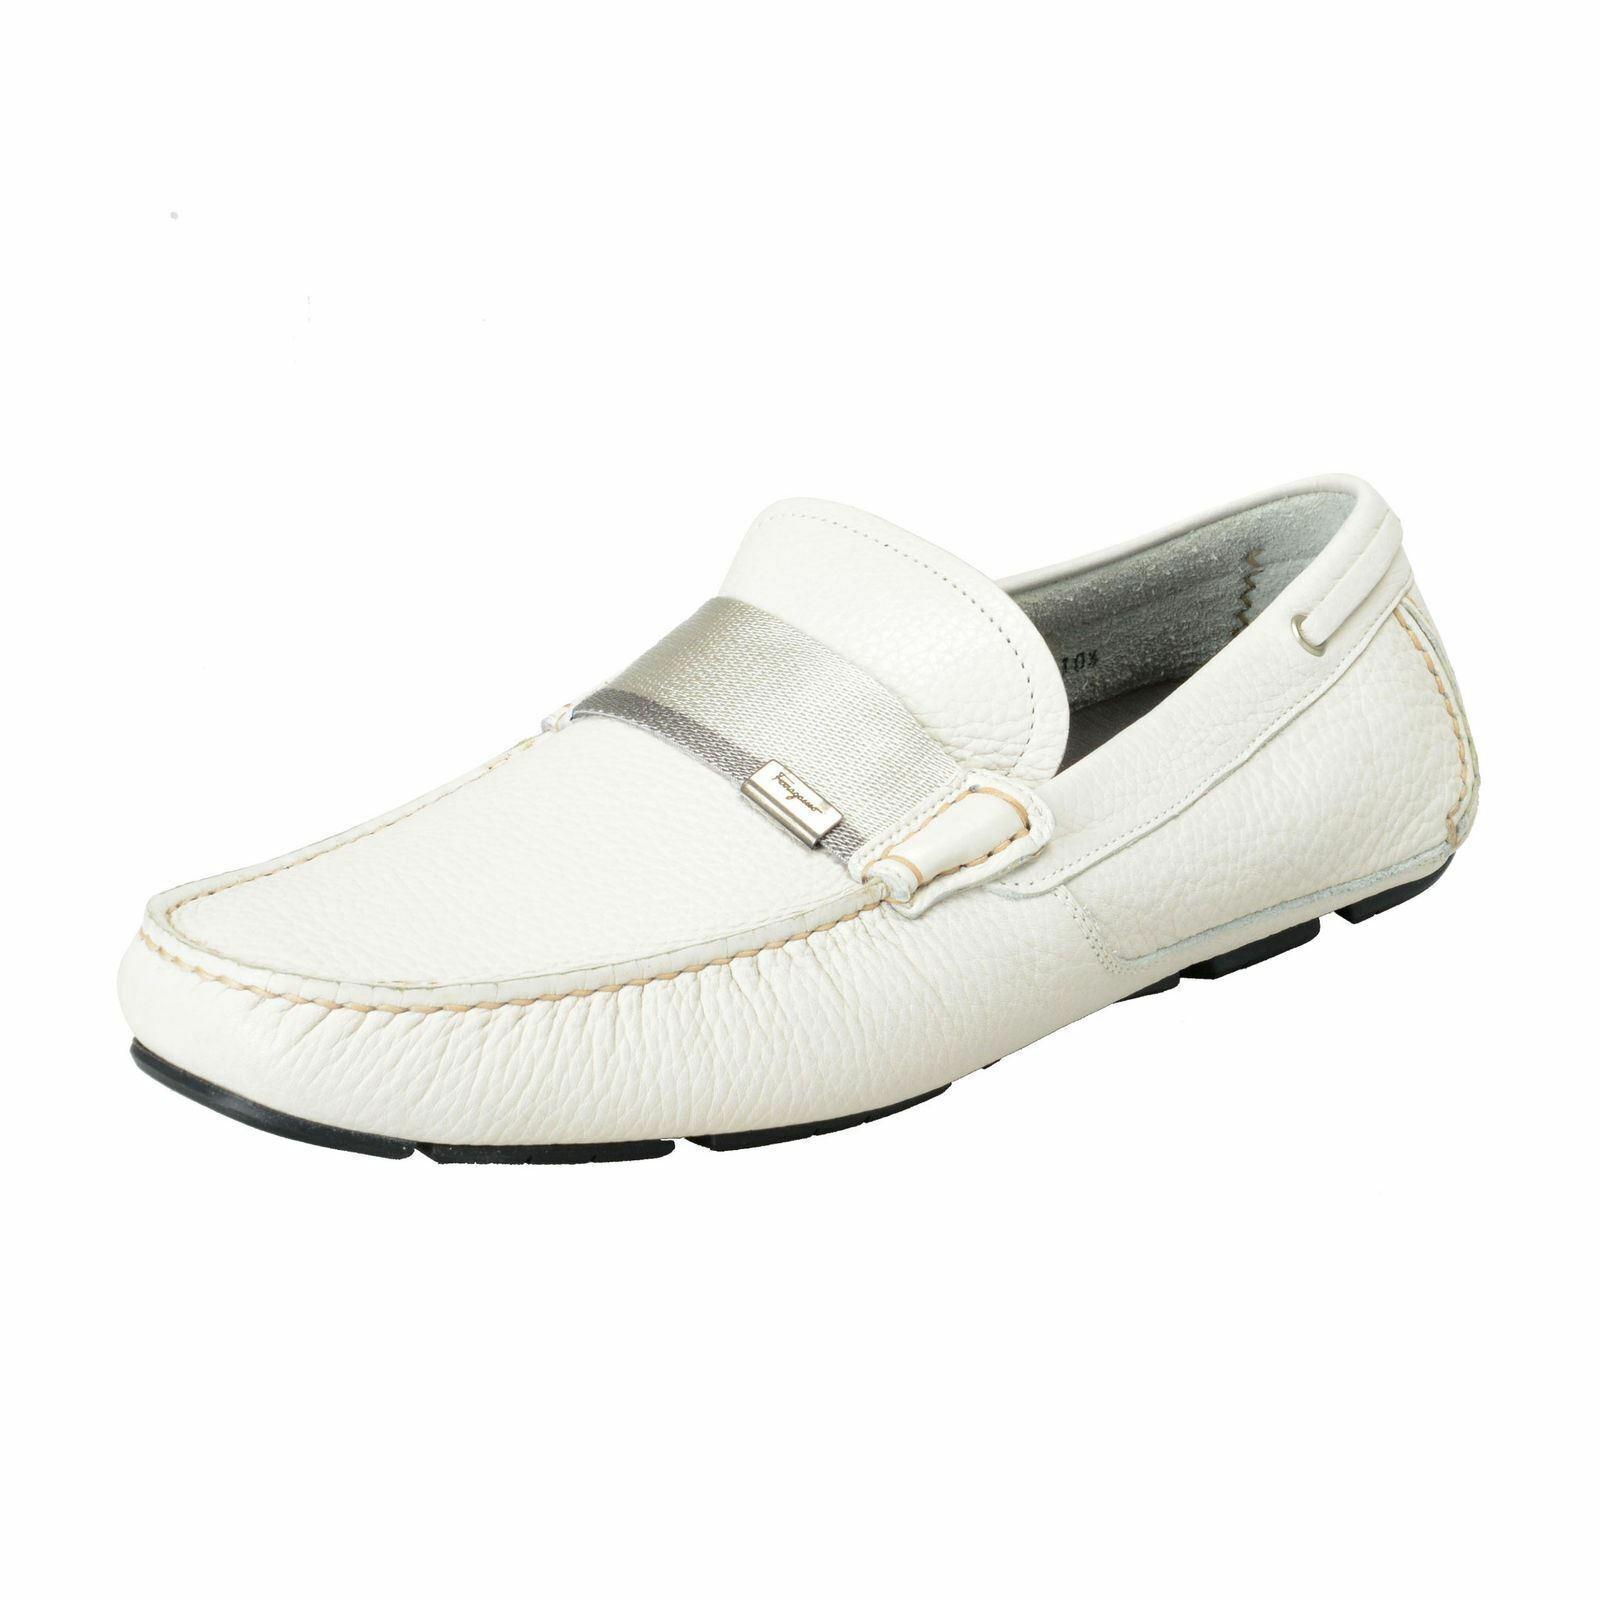 f7fe94c0d395ff Salvatore Ferragamo Homme Galets Cuir Chaussures Mocassins Conduite Rio  nhbhcx6351-Chaussures décontractées